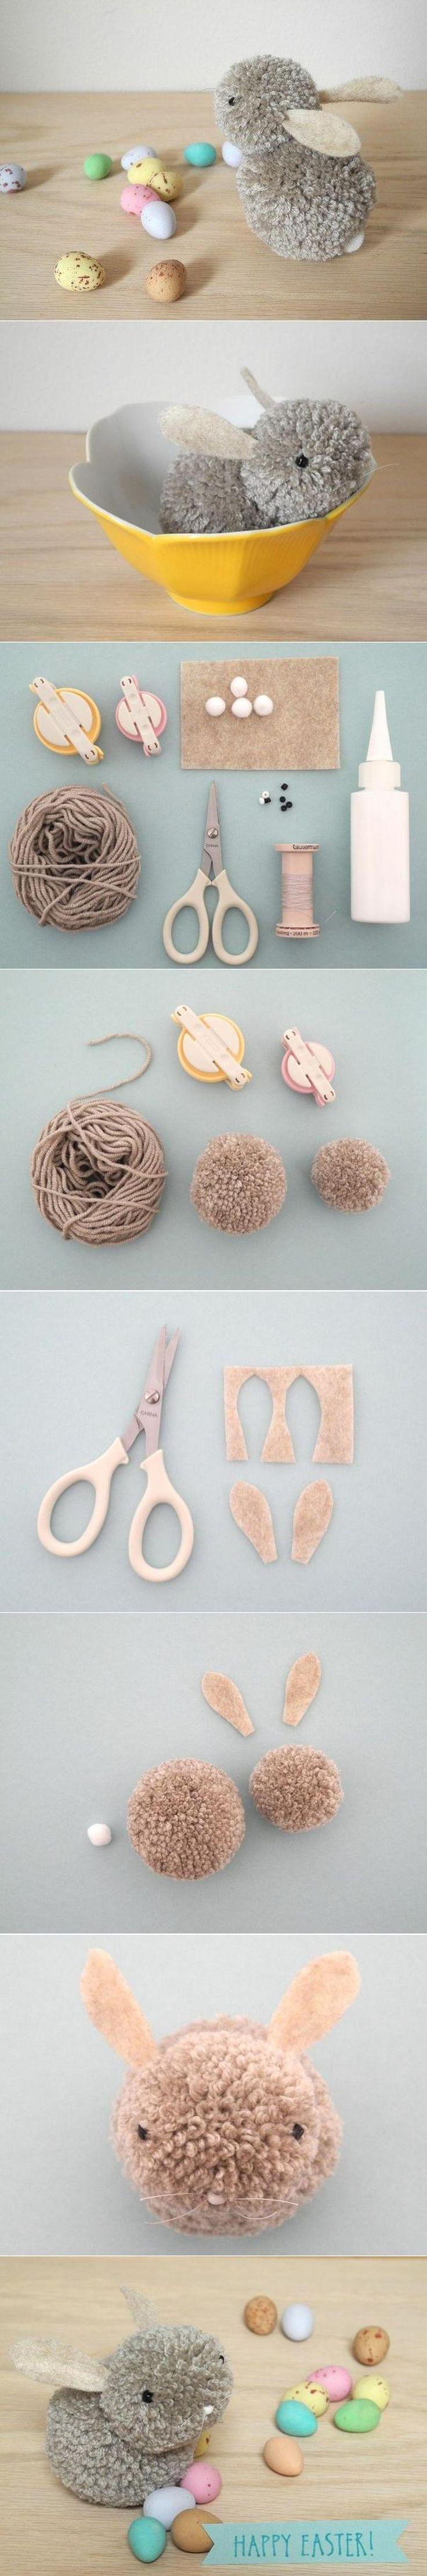 peluches feitos com pompons